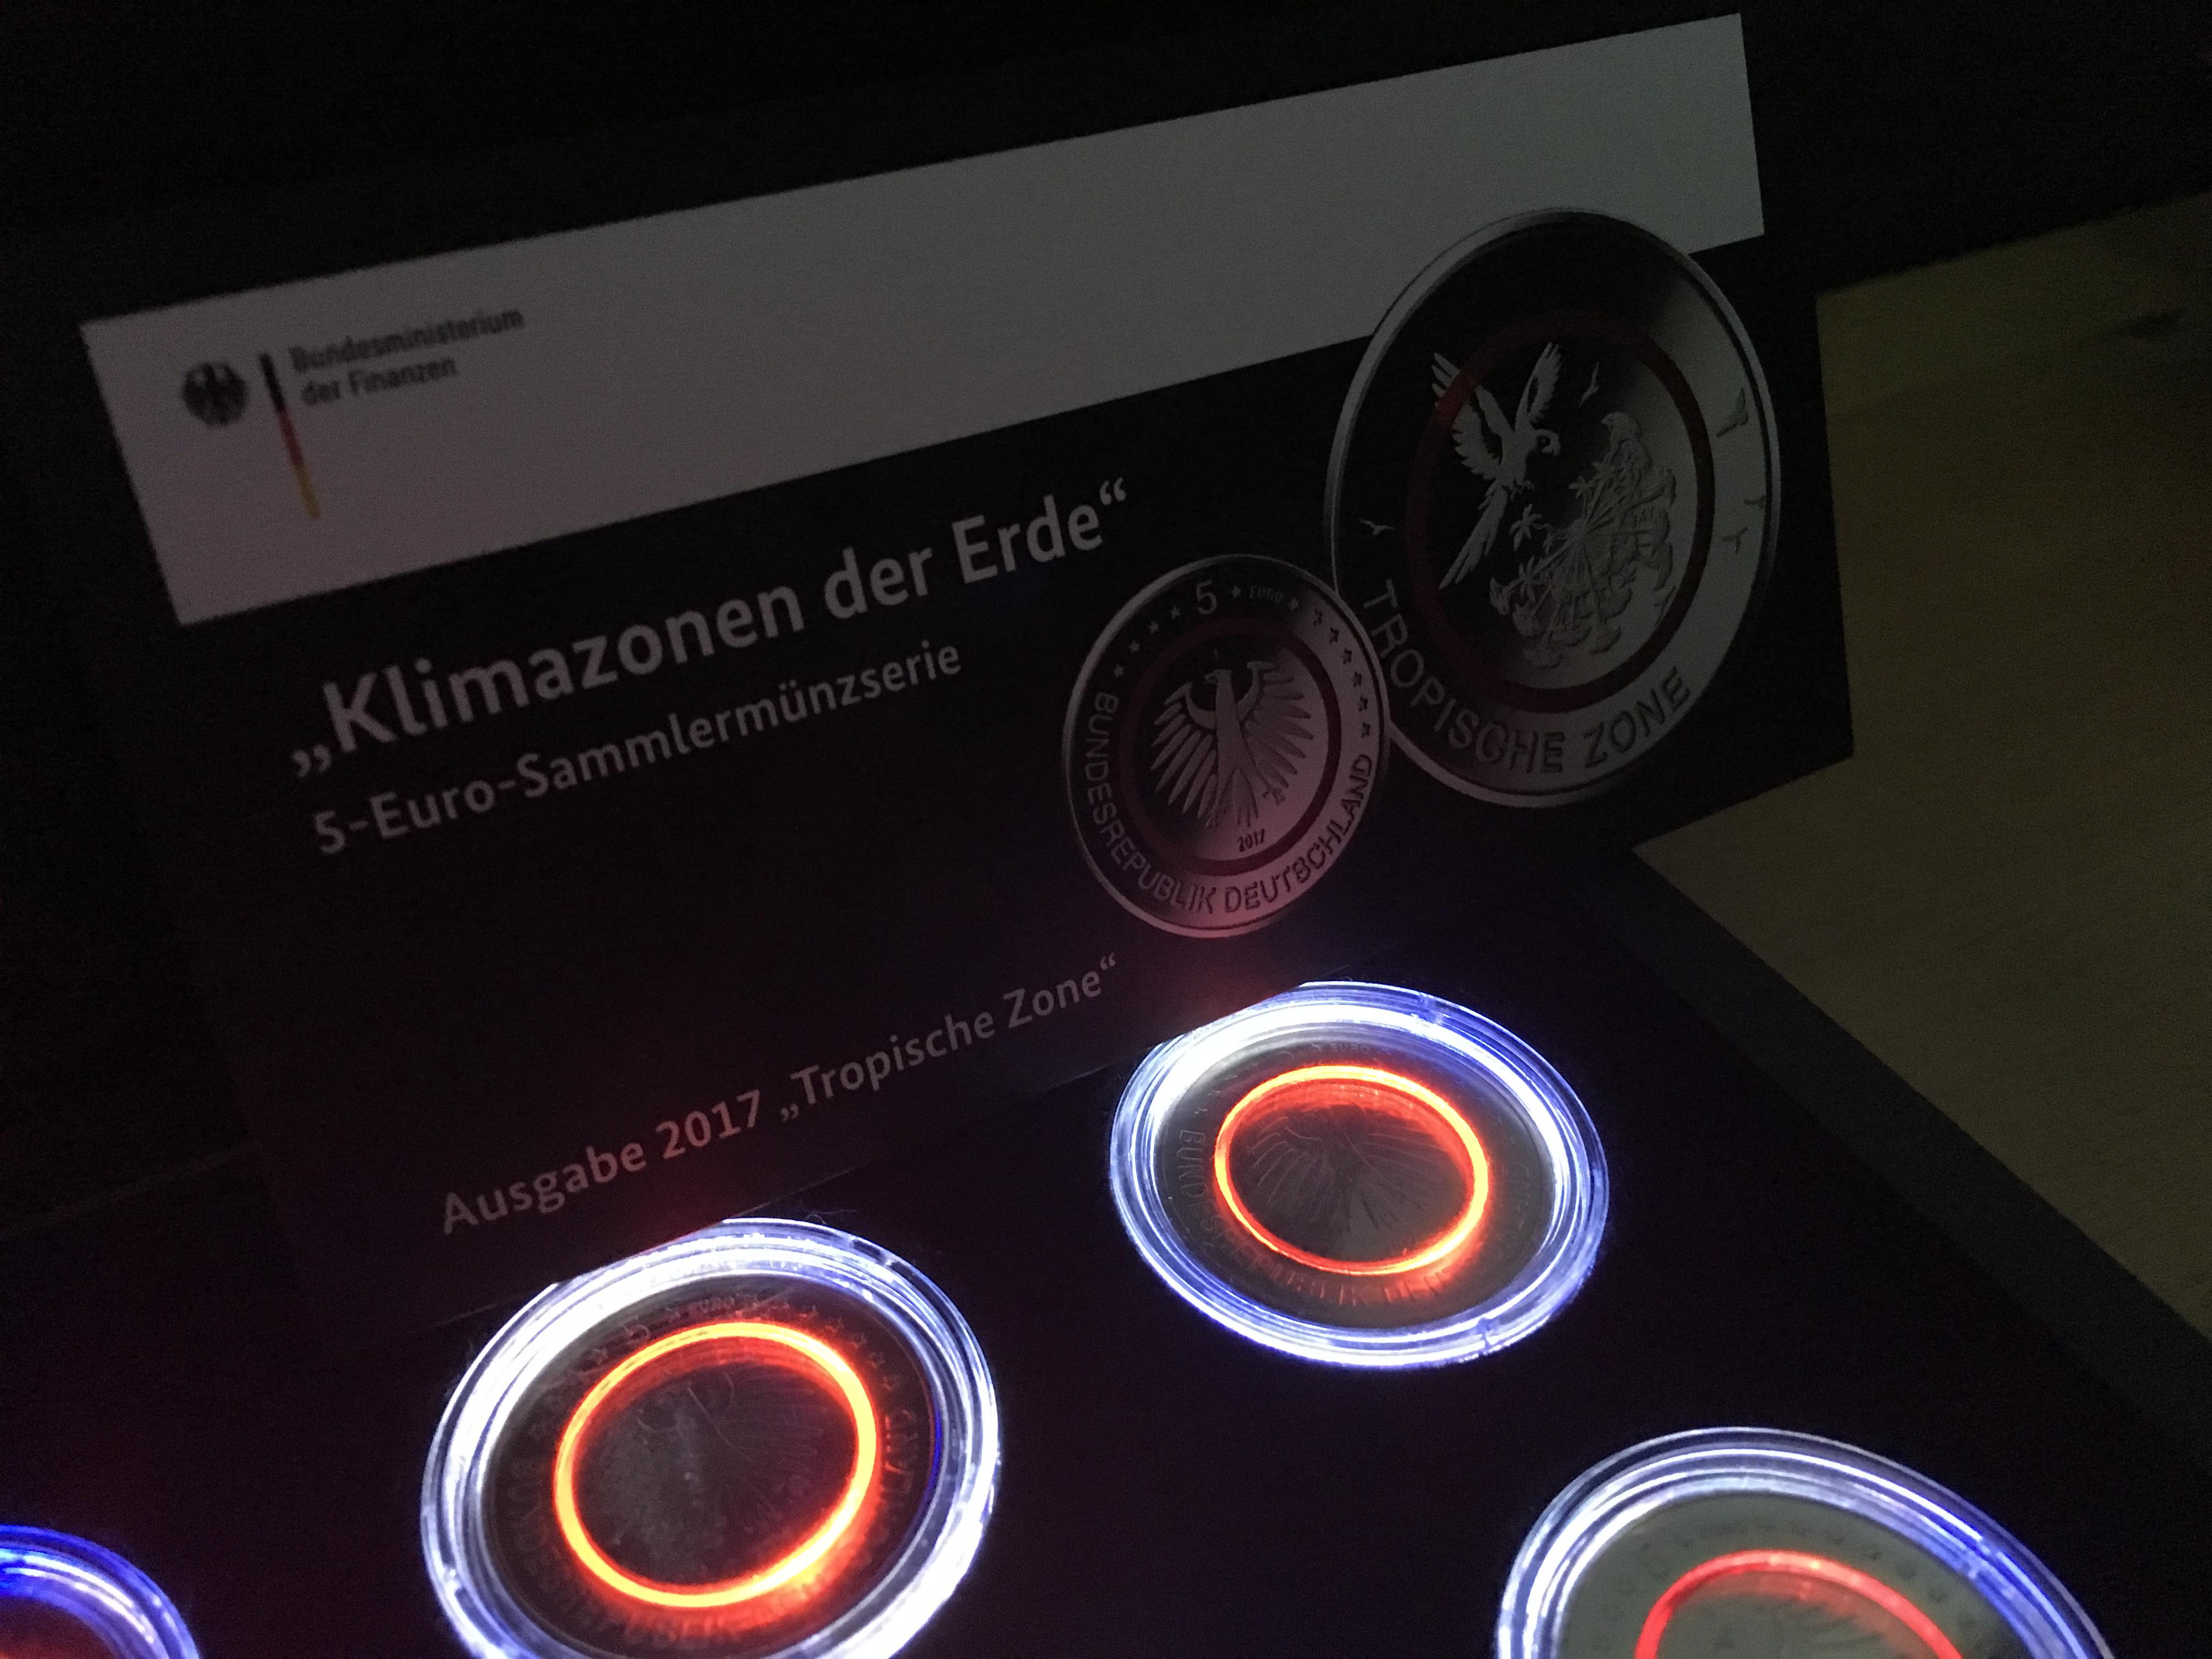 Eine Möglichkeit Die Neue 5 Euro Münze Zu Beleuchtenzu